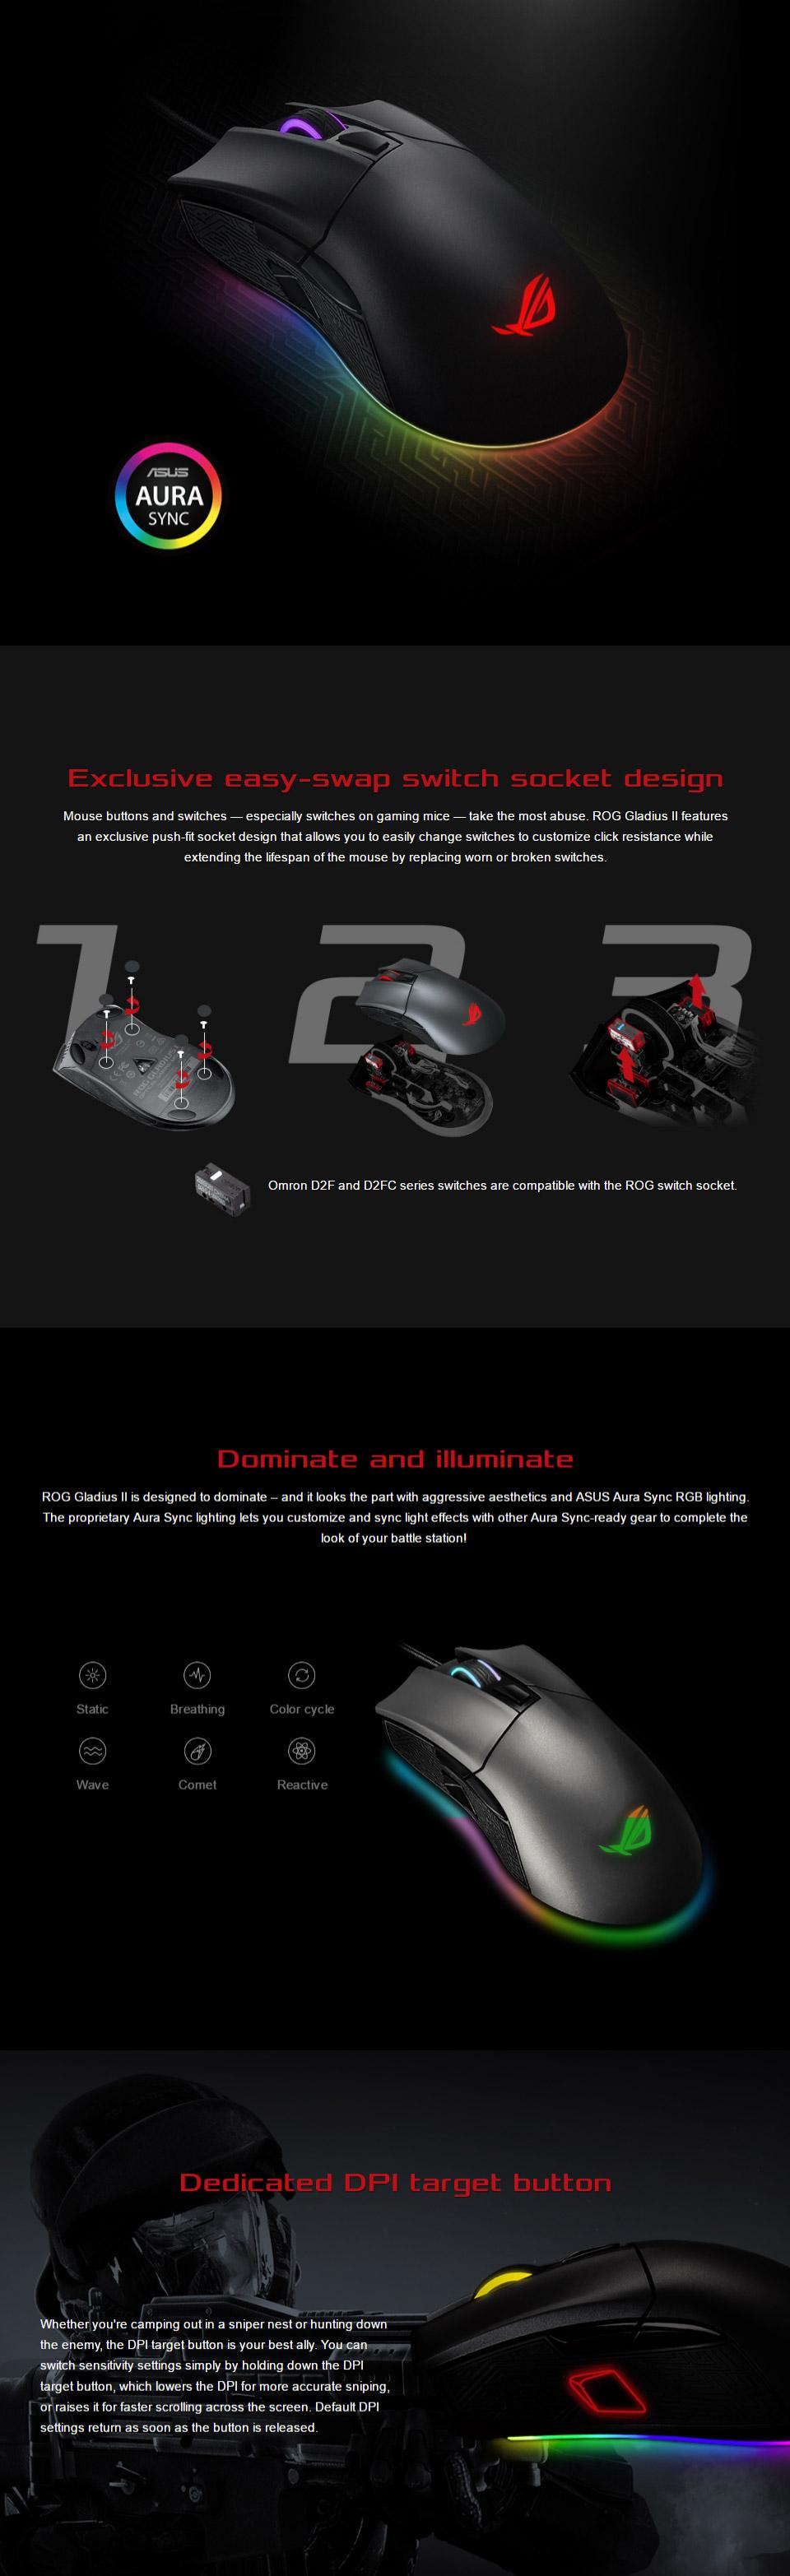 ASUS ROG Gladius II RGB Optical Gaming Mouse